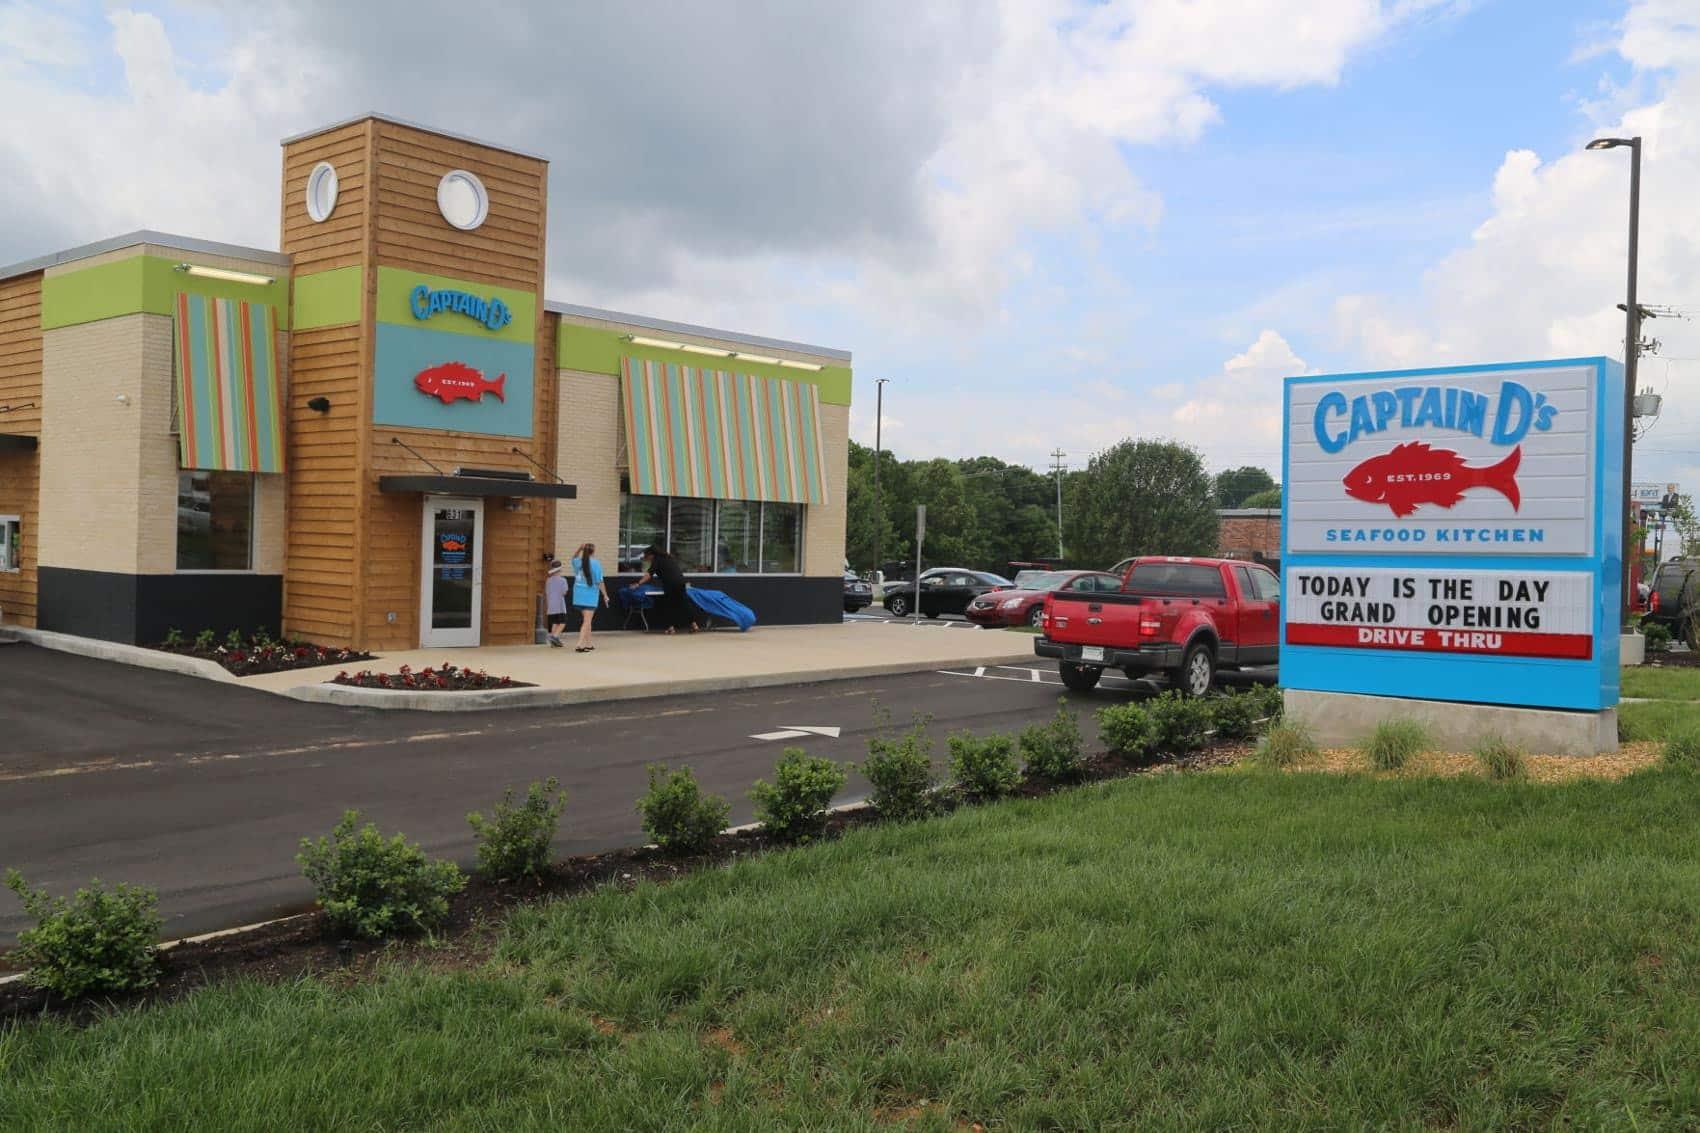 Captain Ds Restaurant-reviewcaptainds